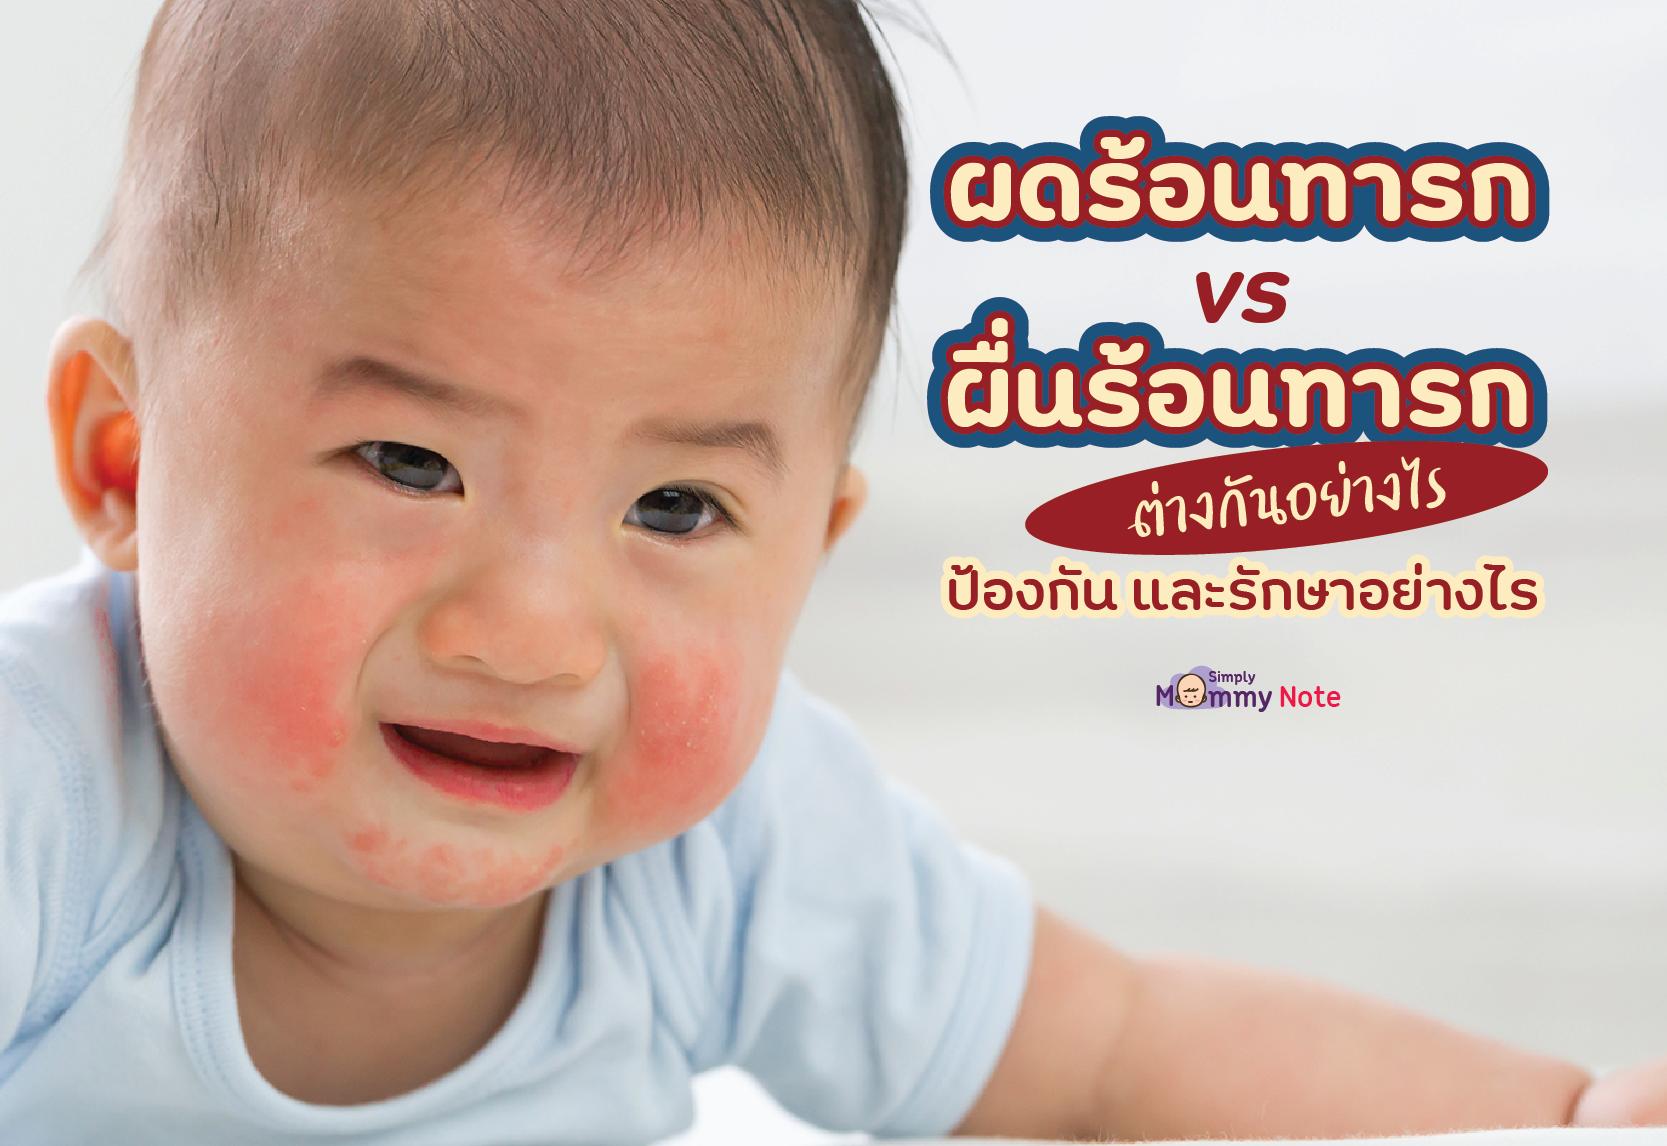 ผดร้อนทารก VS ผื่นร้อนทารก ต่างกันอย่างไร ป้องกัน และรักษาอย่างไร